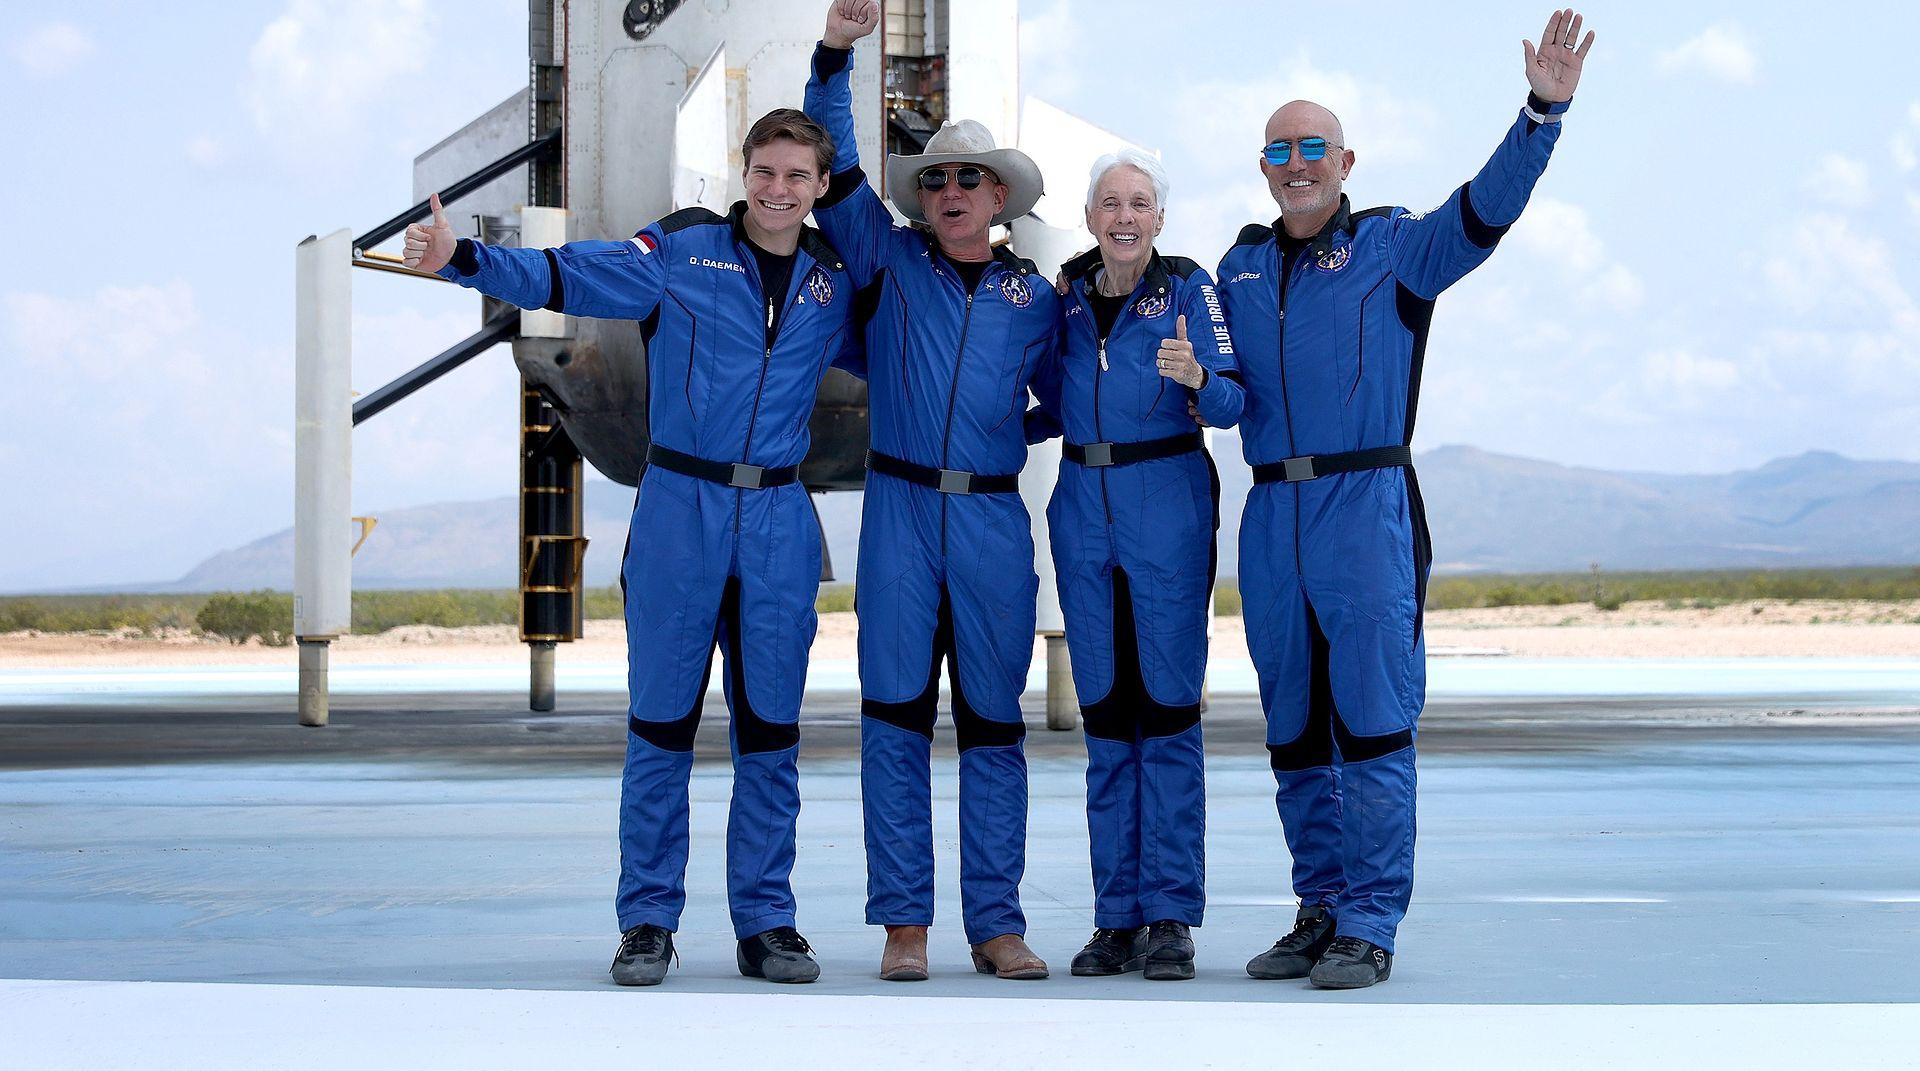 Miliarder Jeff Bezos, założyciel Amazona (drugi od lewej, w kapeluszu) przed pierwszym startem sfinansowanego przerz siebie lotu w kosmos